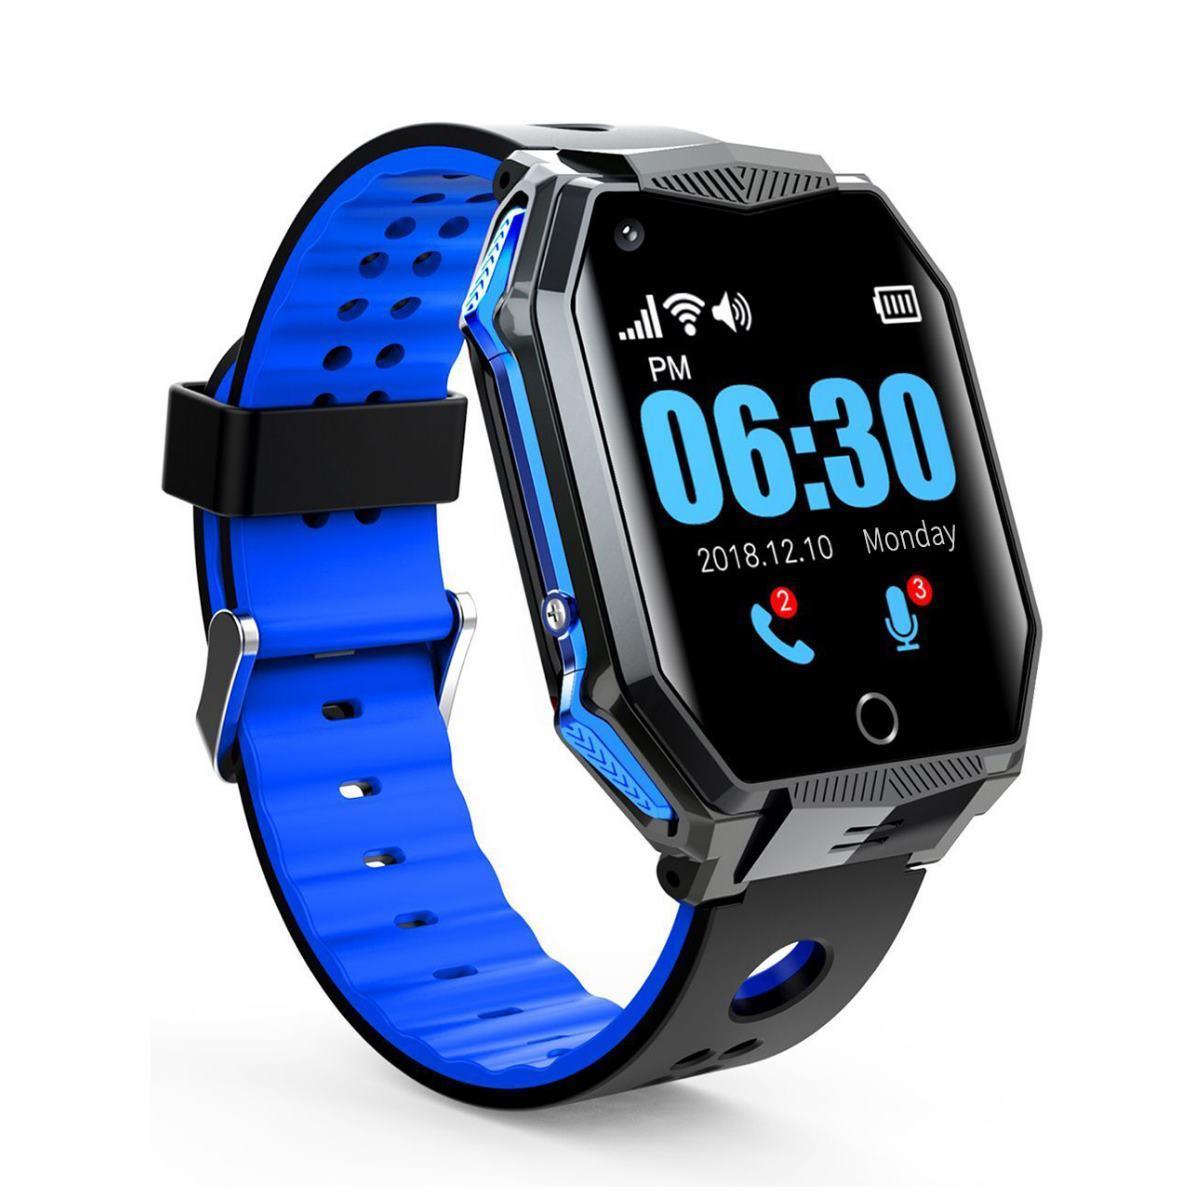 Видеочасы и часы-телефоны с GPS Часы GPS с видеозвонком Smart Baby Watch FA68 Смарт_часы_FA68__8_.jpg